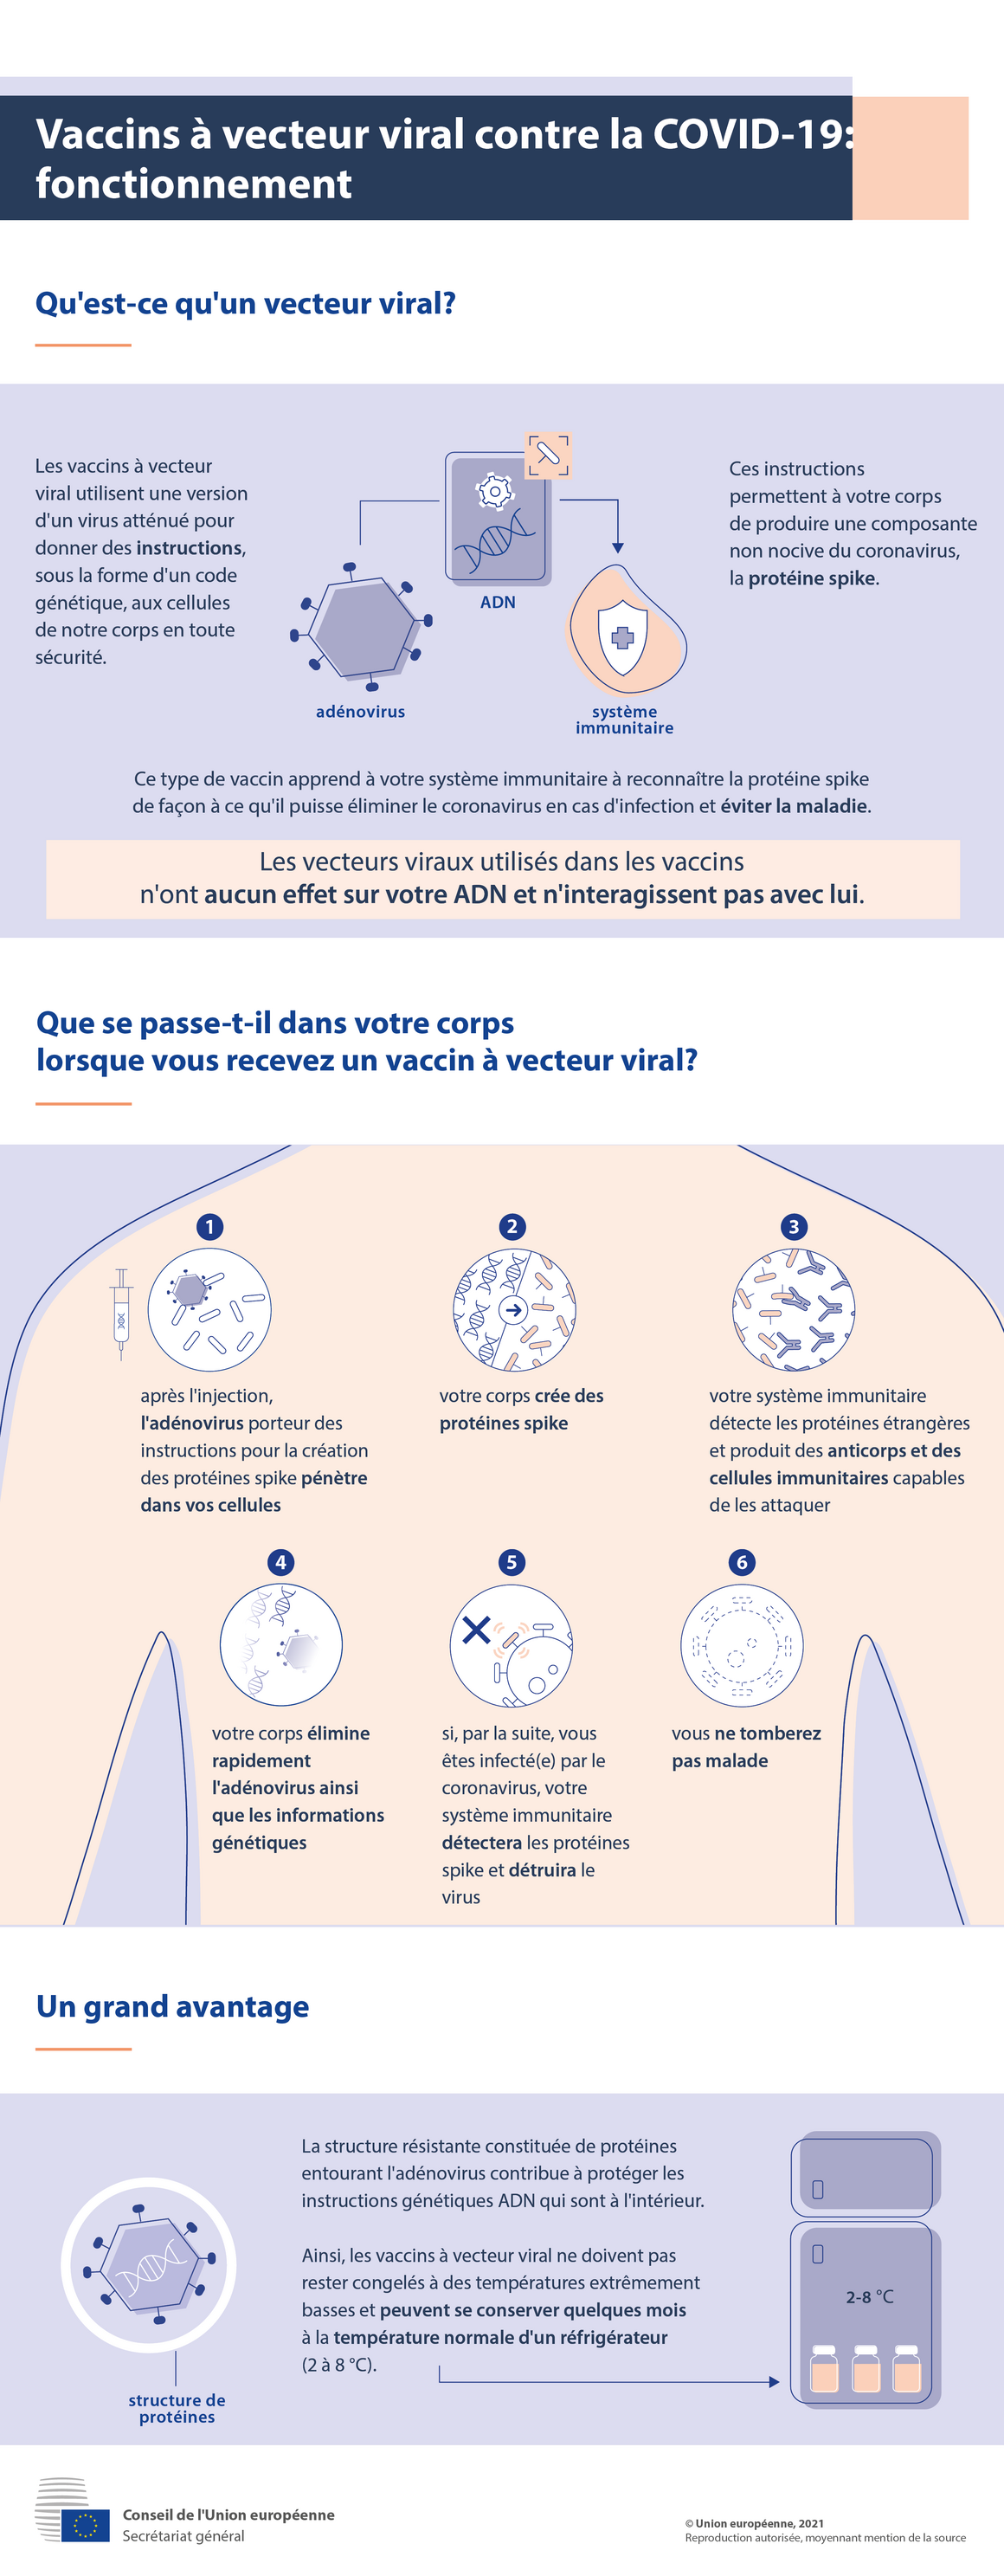 Infographie - Les vaccins à vecteur viral contre la COVID-19: comment fonctionnent-ils?